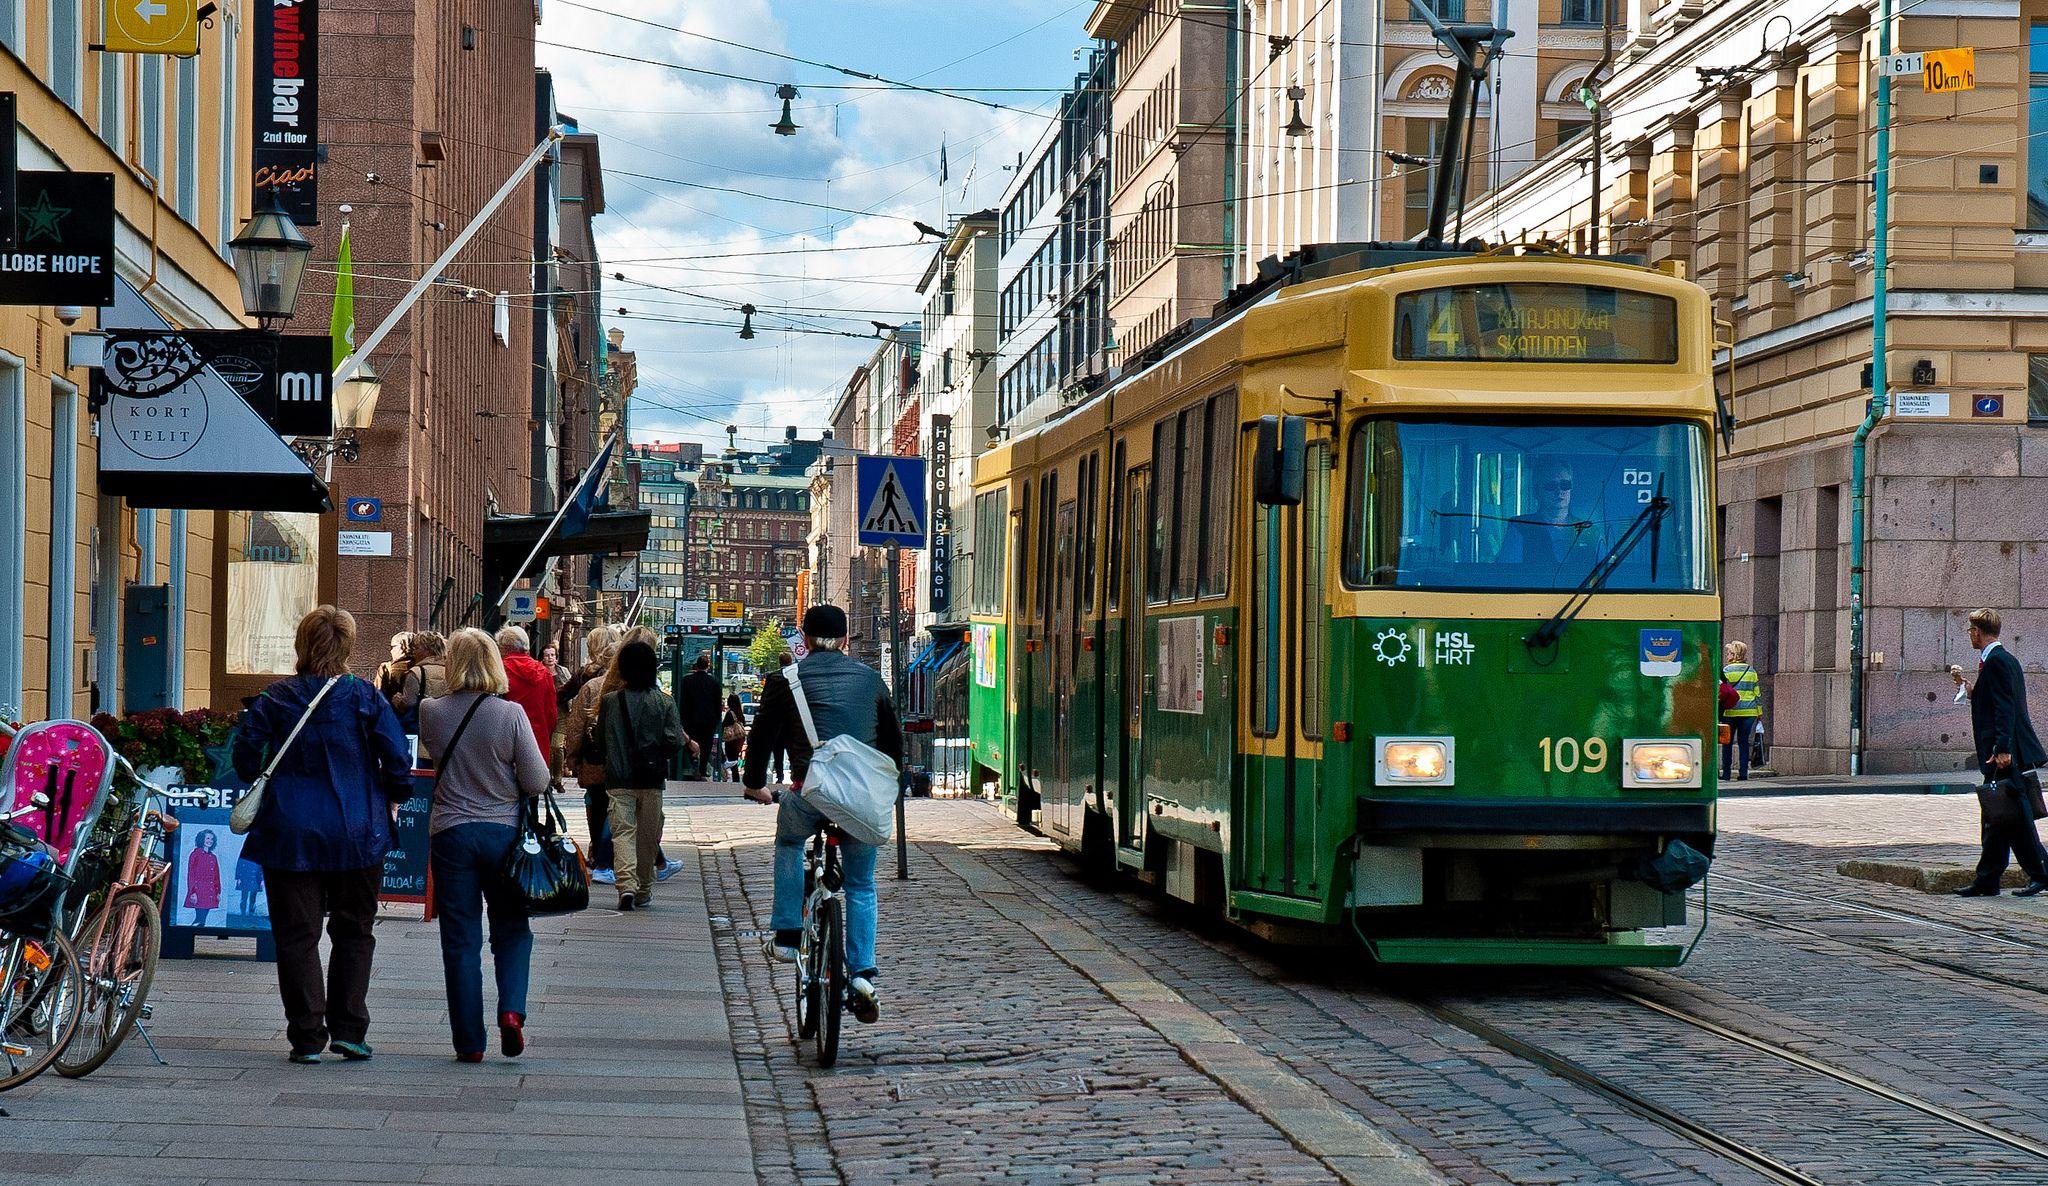 Tram Street In Helsinki Finland City Clock 7 Finland